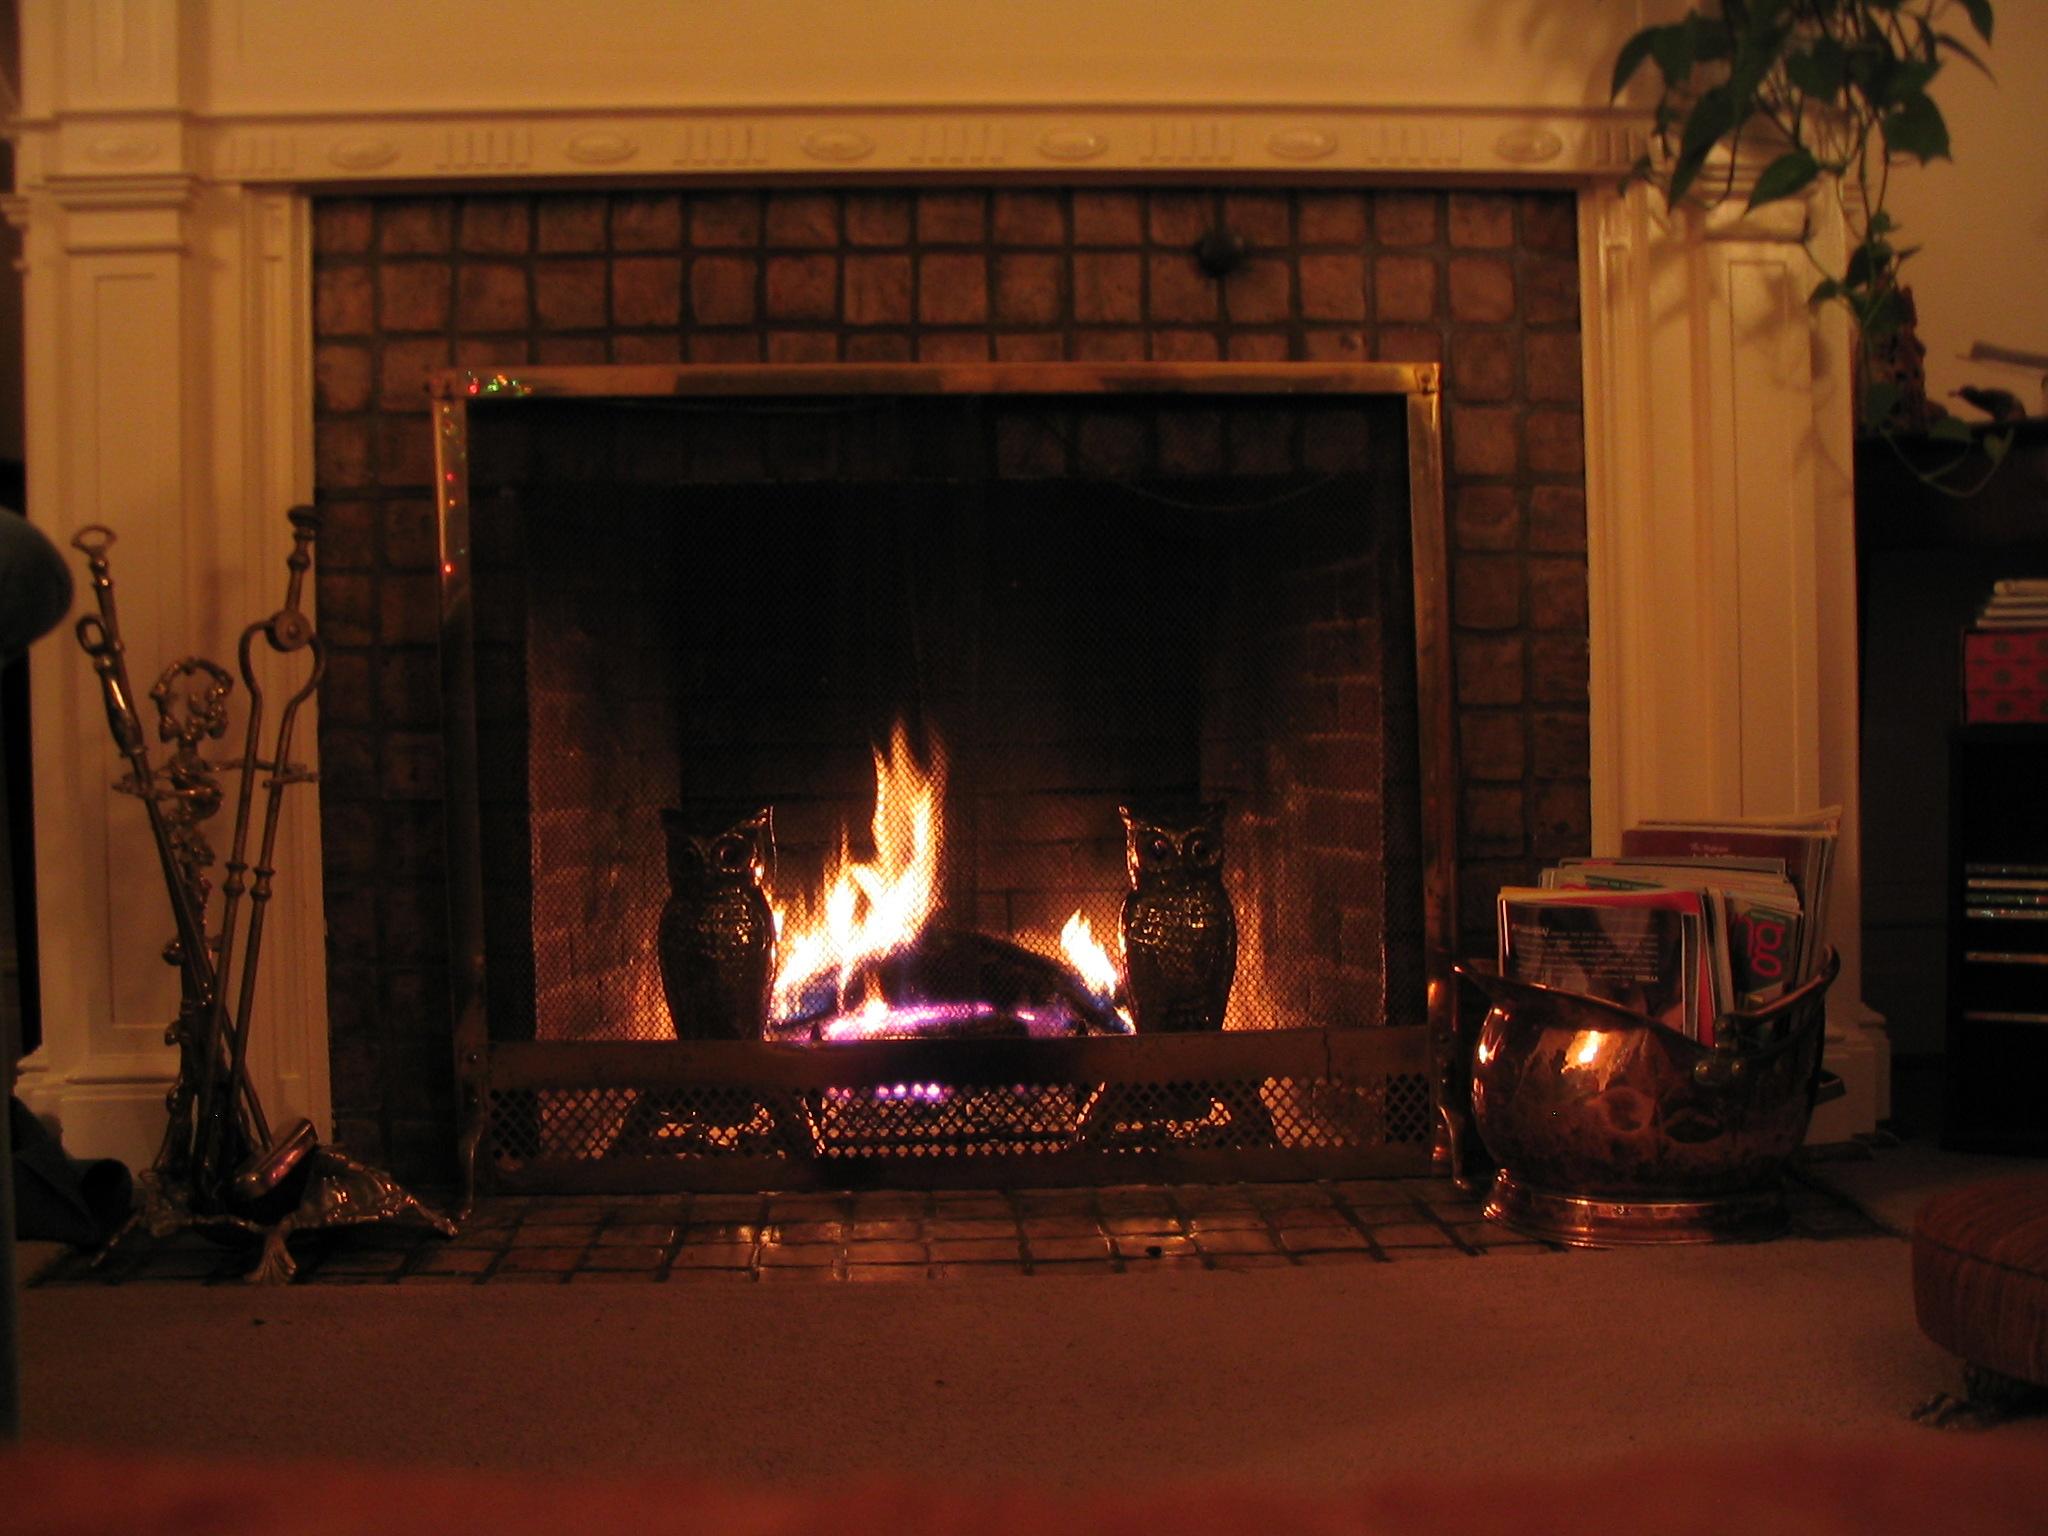 них красивые картинки с огнем в камине посмотрела эту